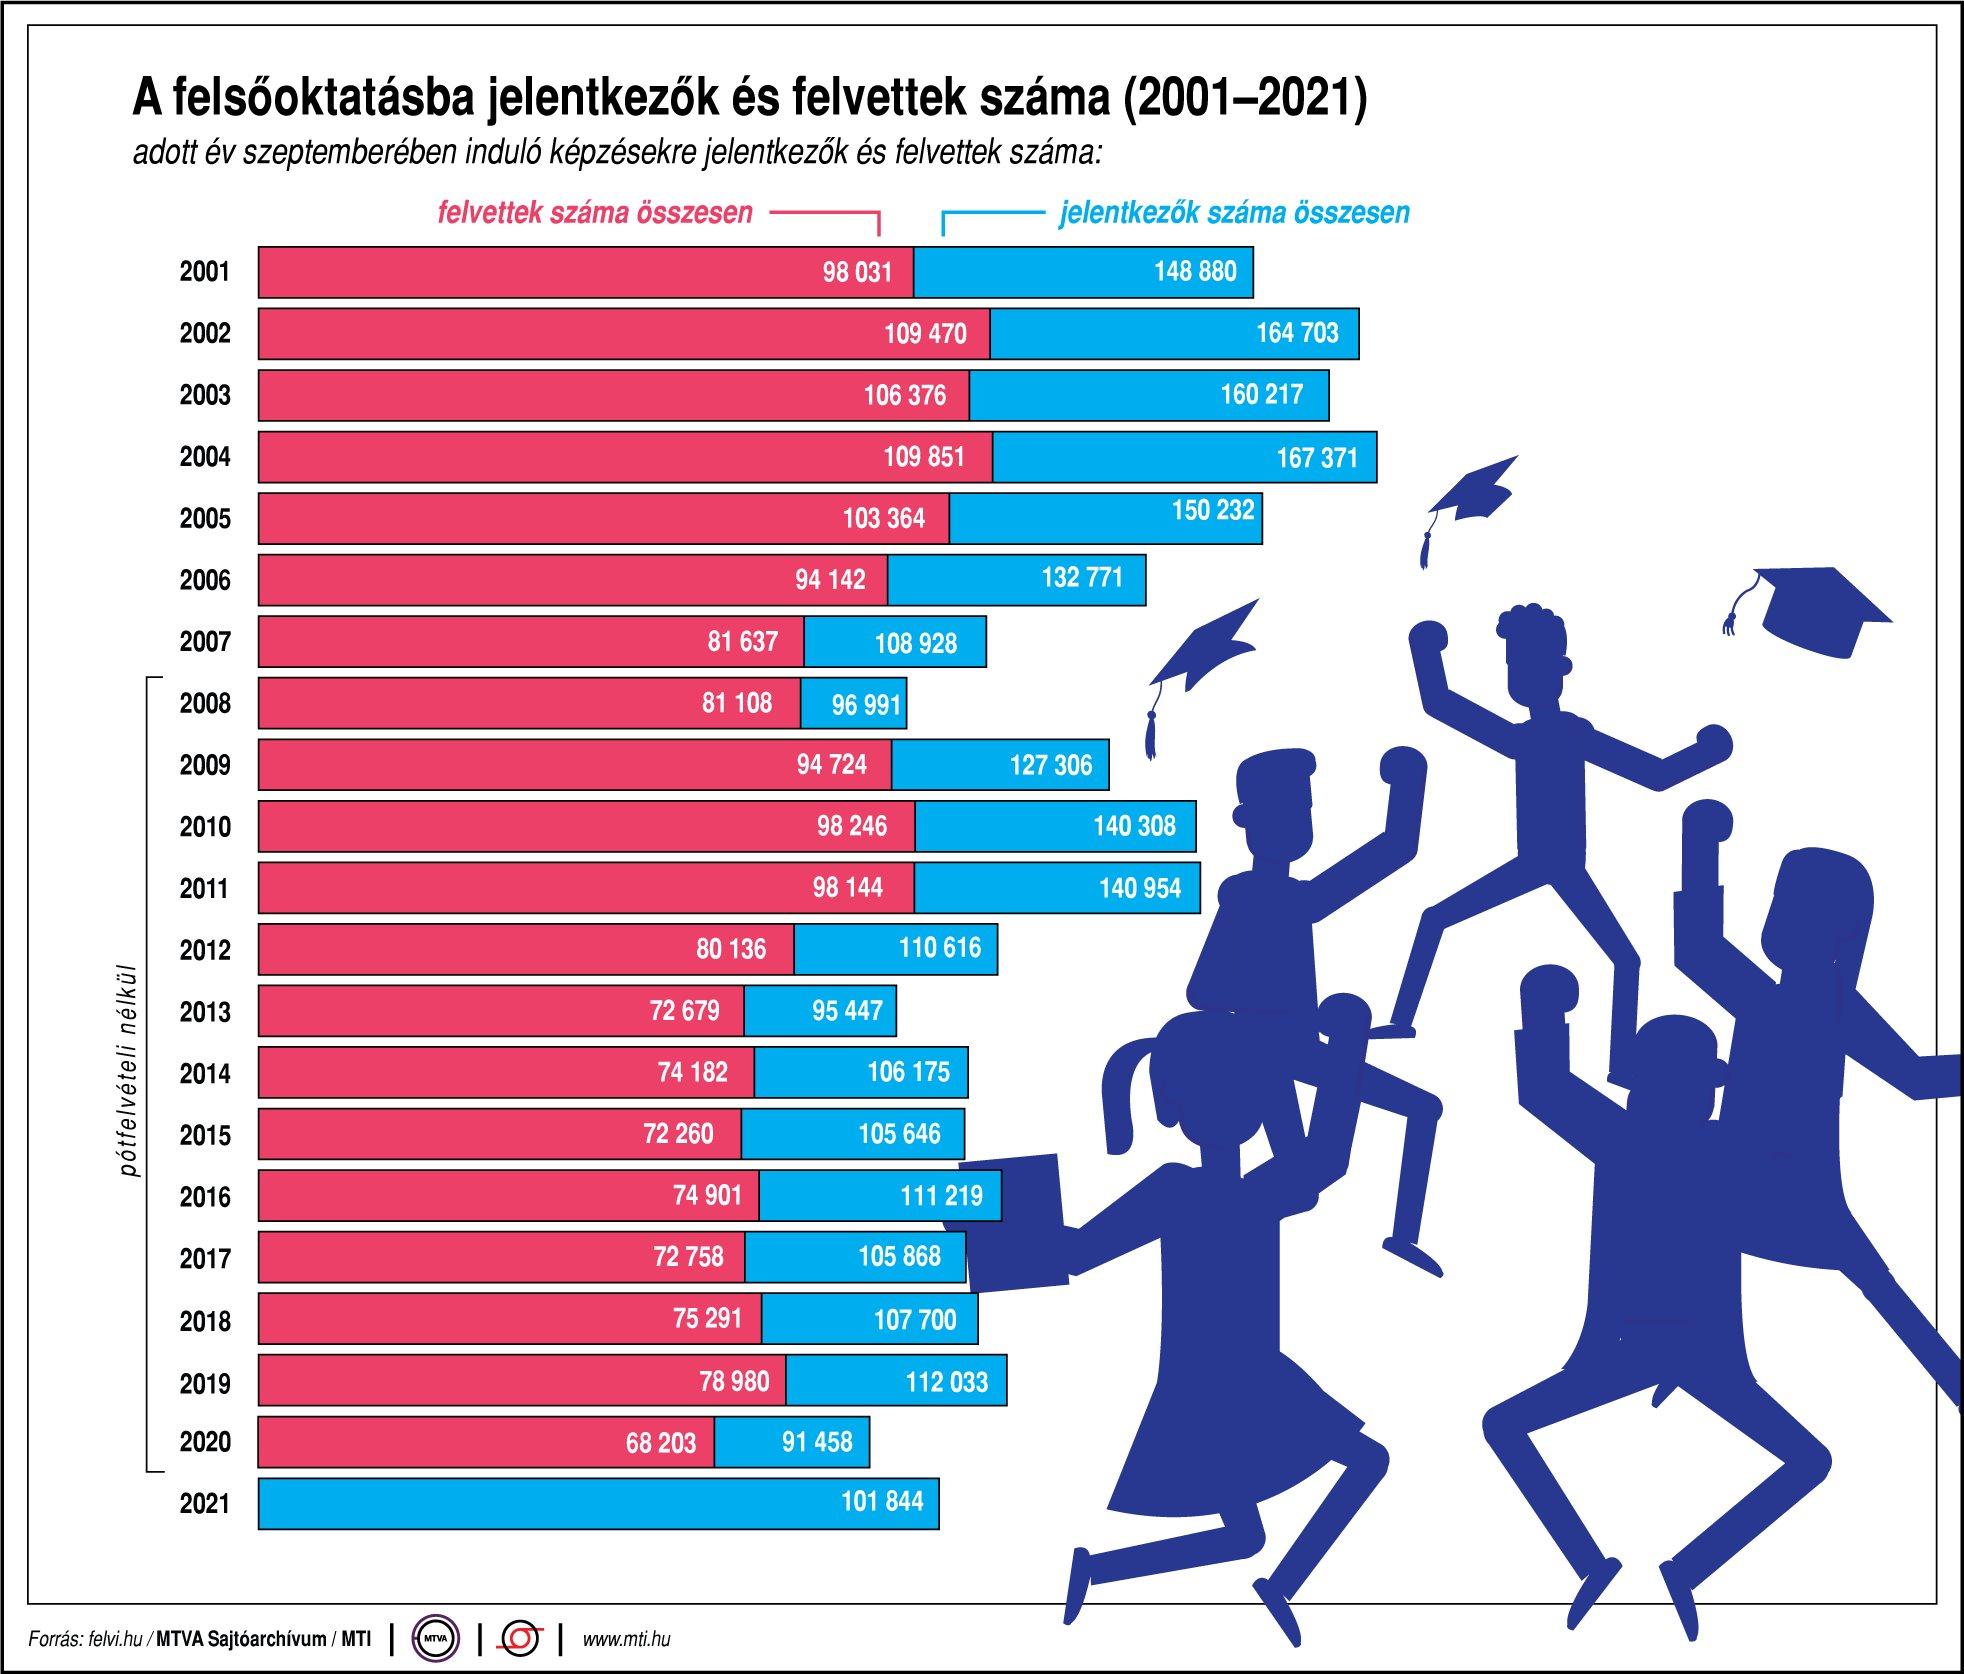 A felsőoktatásba jelentkezők és felvettek száma (2001-2021)